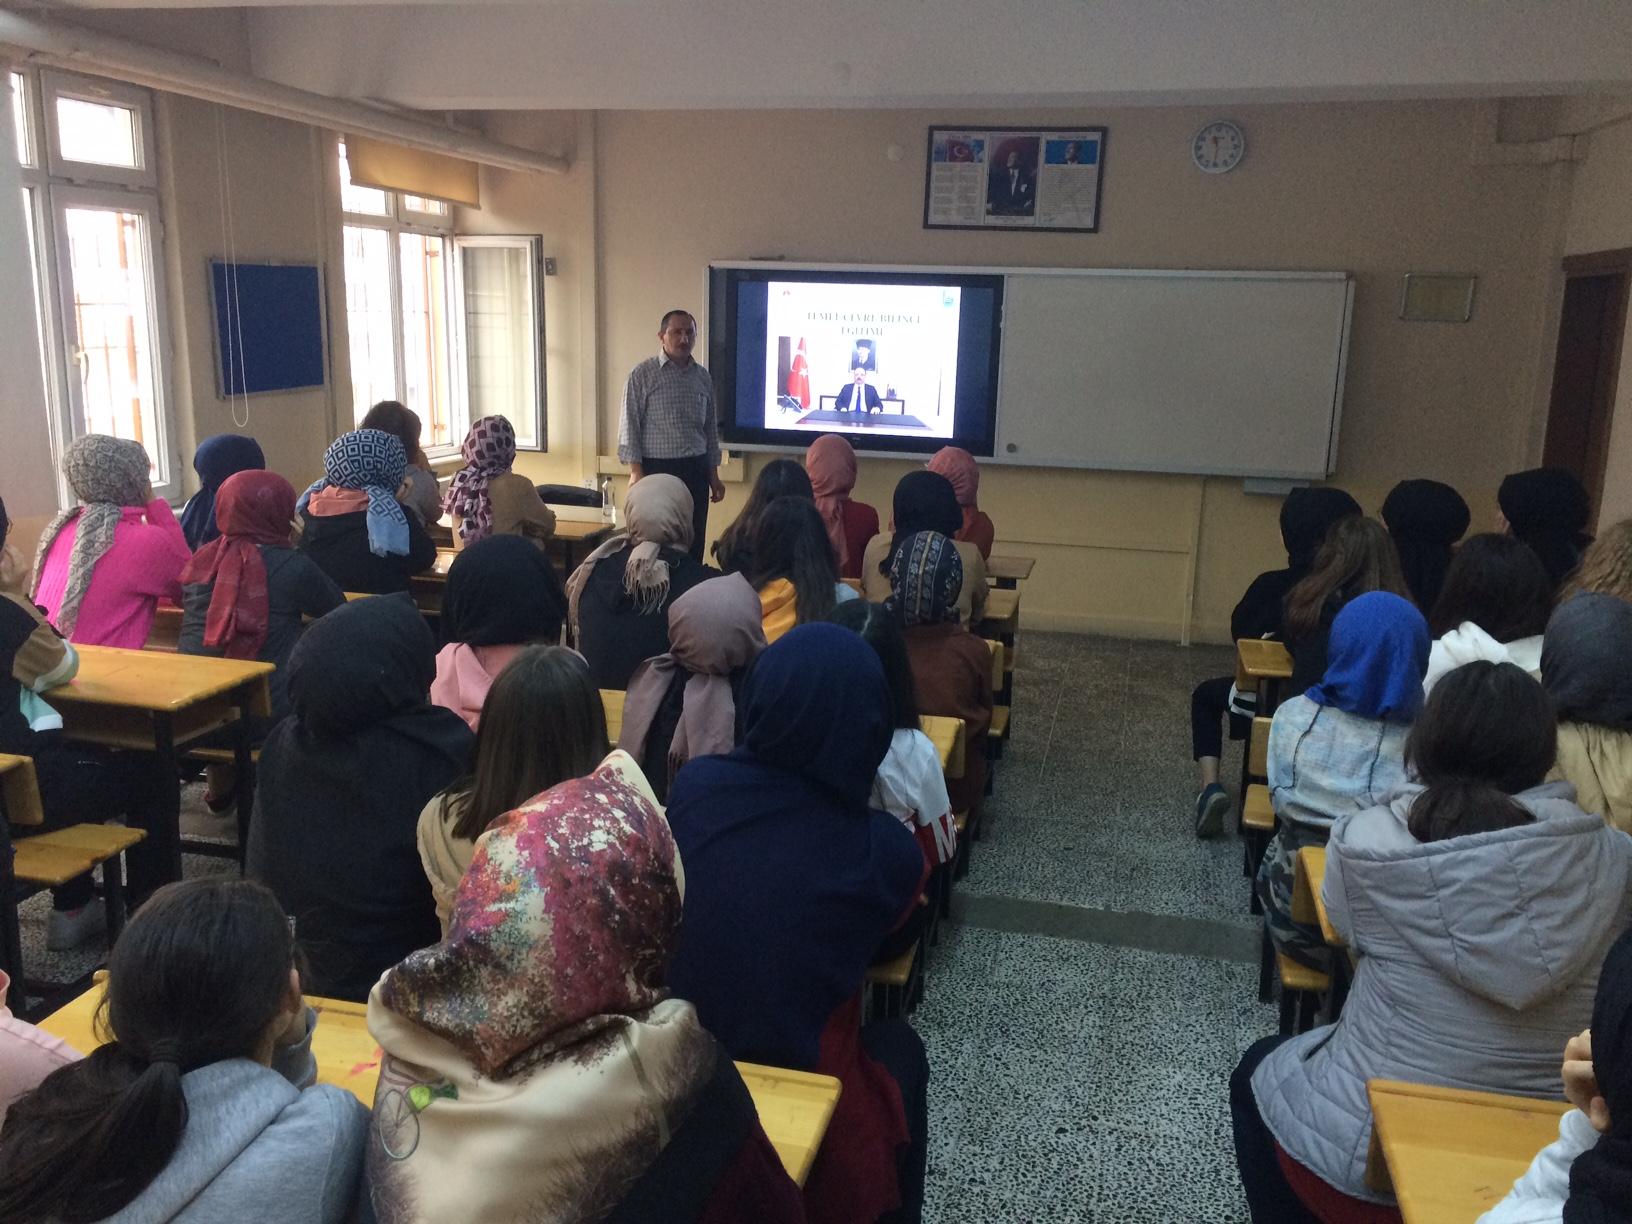 Nene Hatun Kız Anadolu İmam Hatip Lisesi'nde Sıfır Atık Konulu Eğitim Verildi